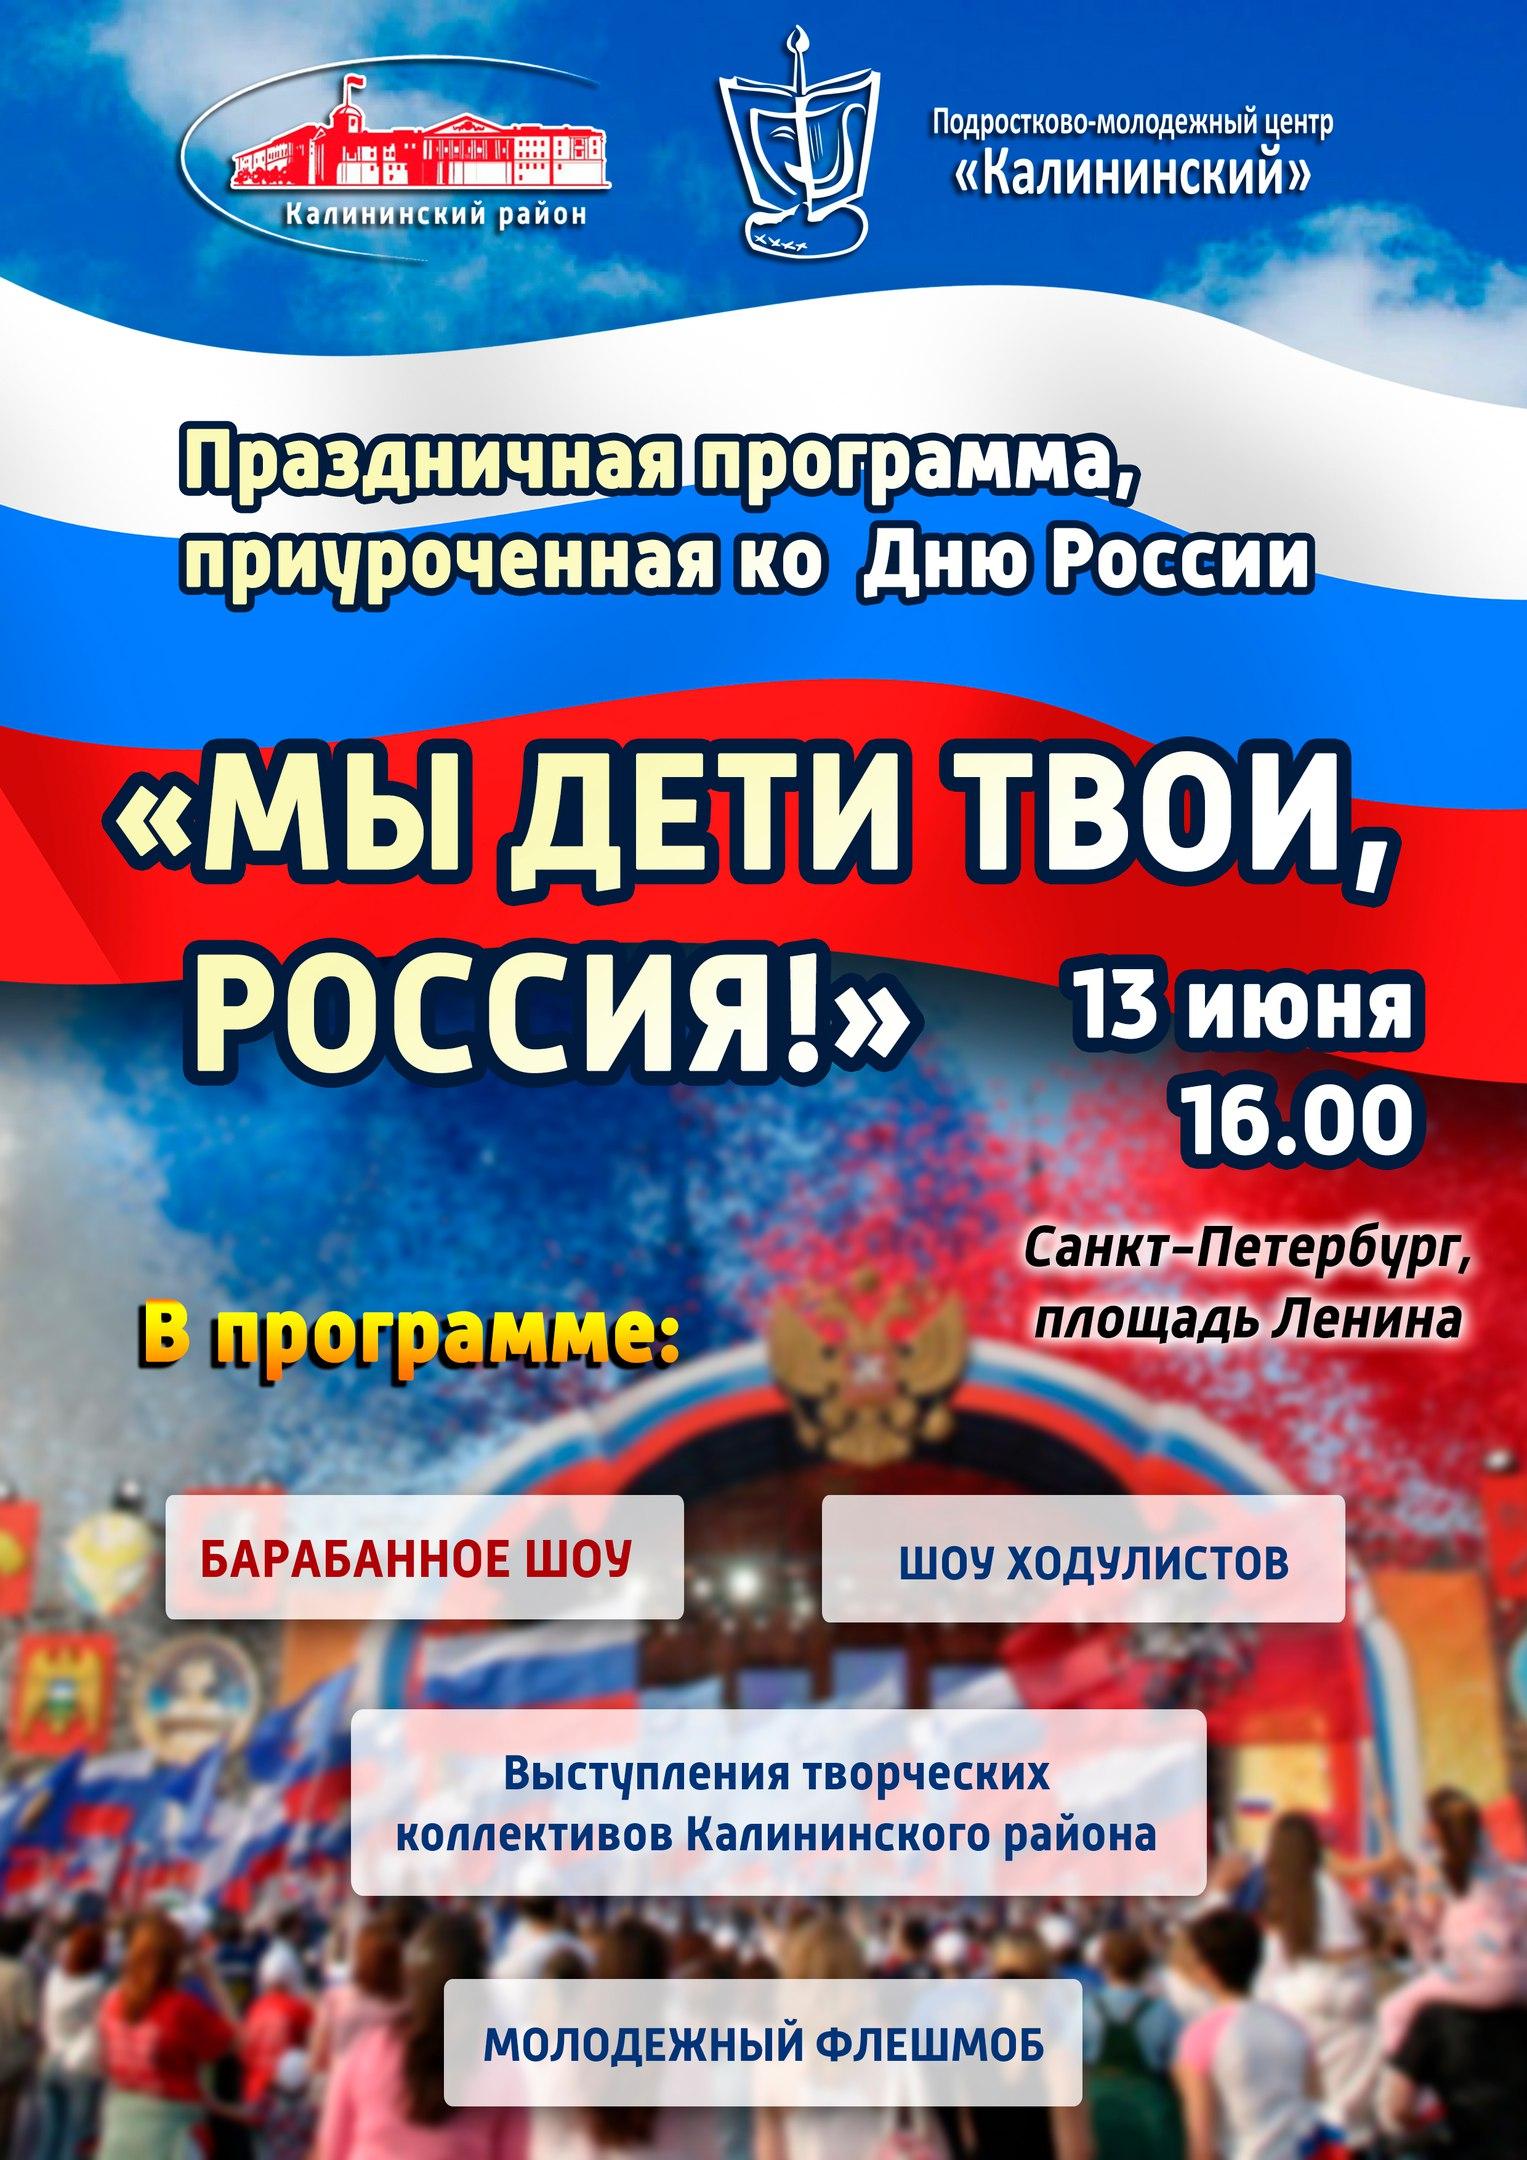 День России отметят в Калининском районе праздничной молодежной программой